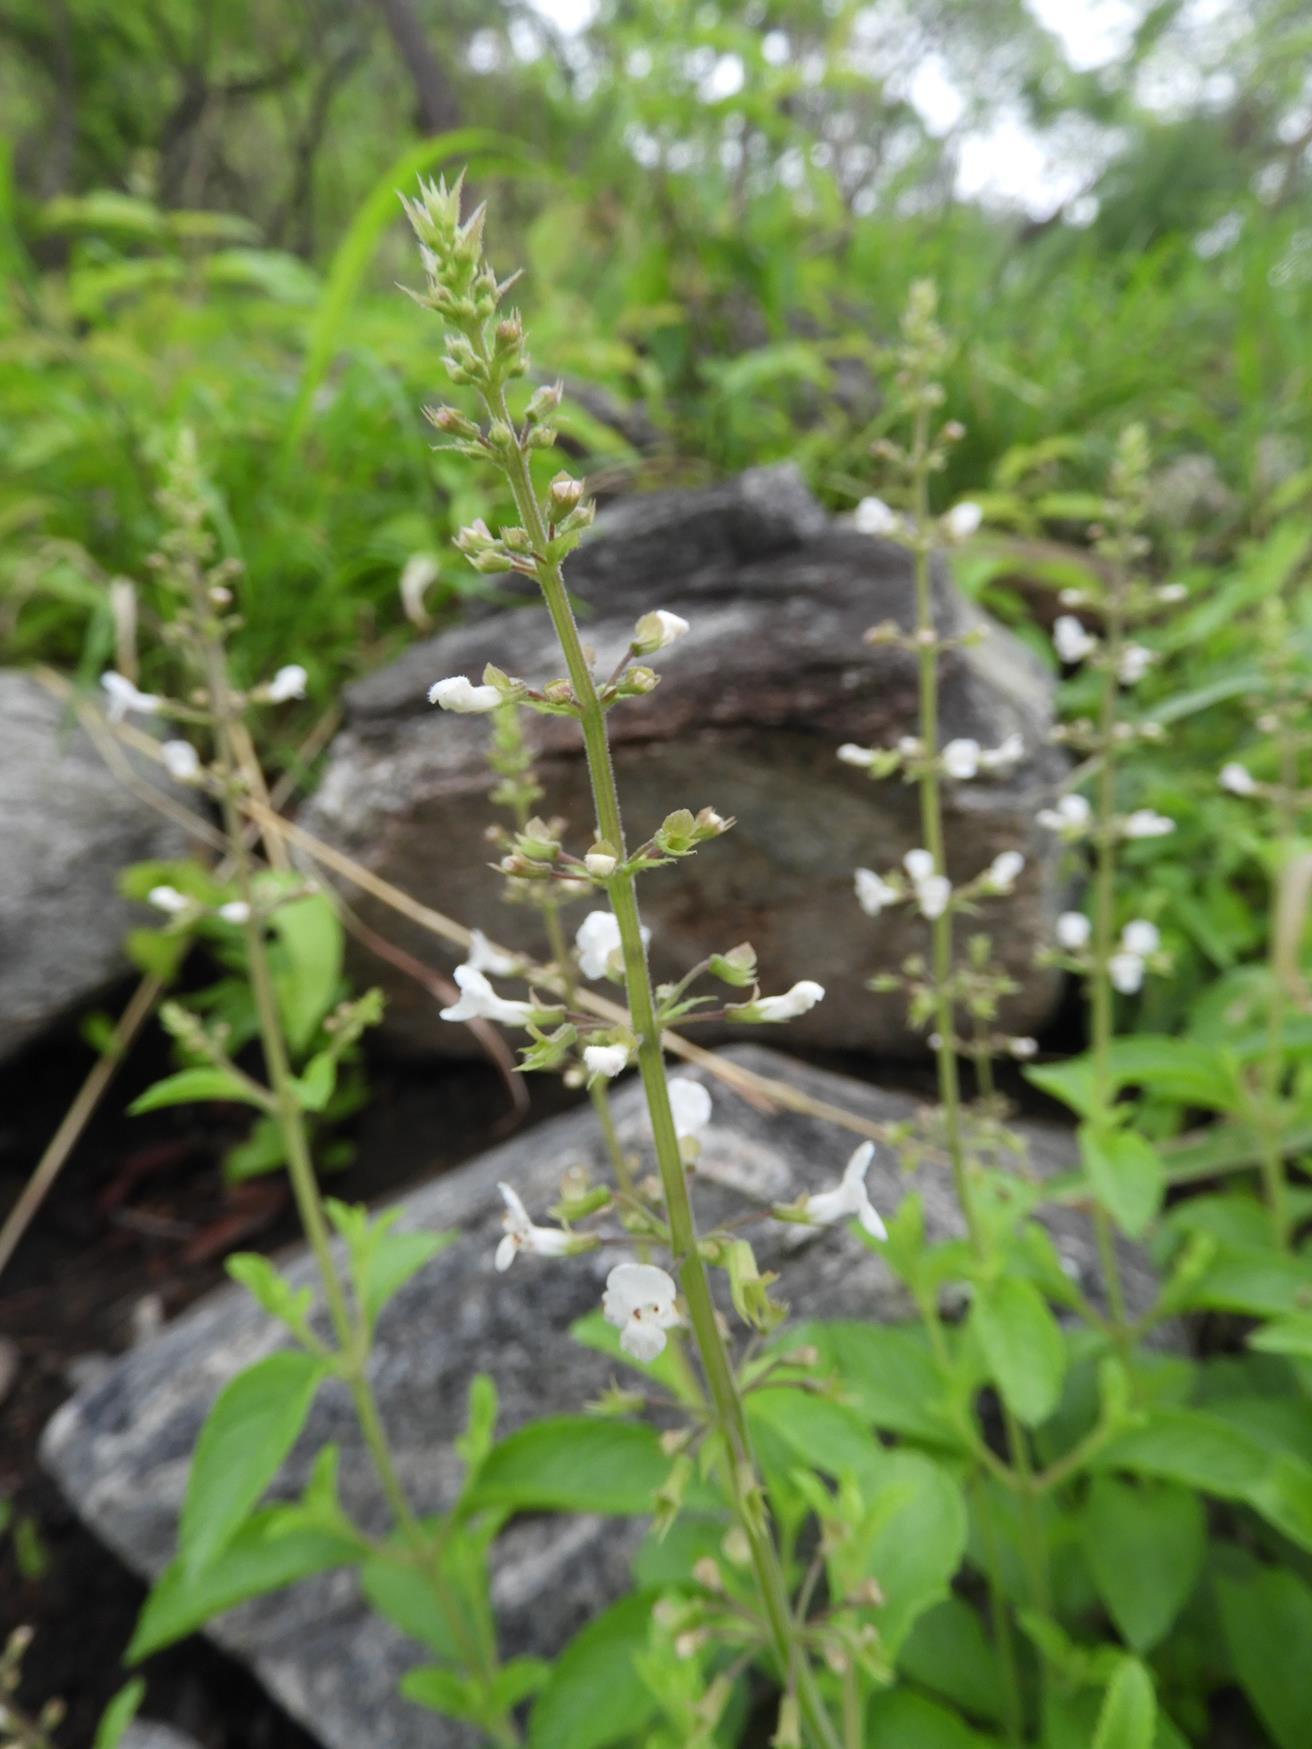 Endostemon obtusifolius